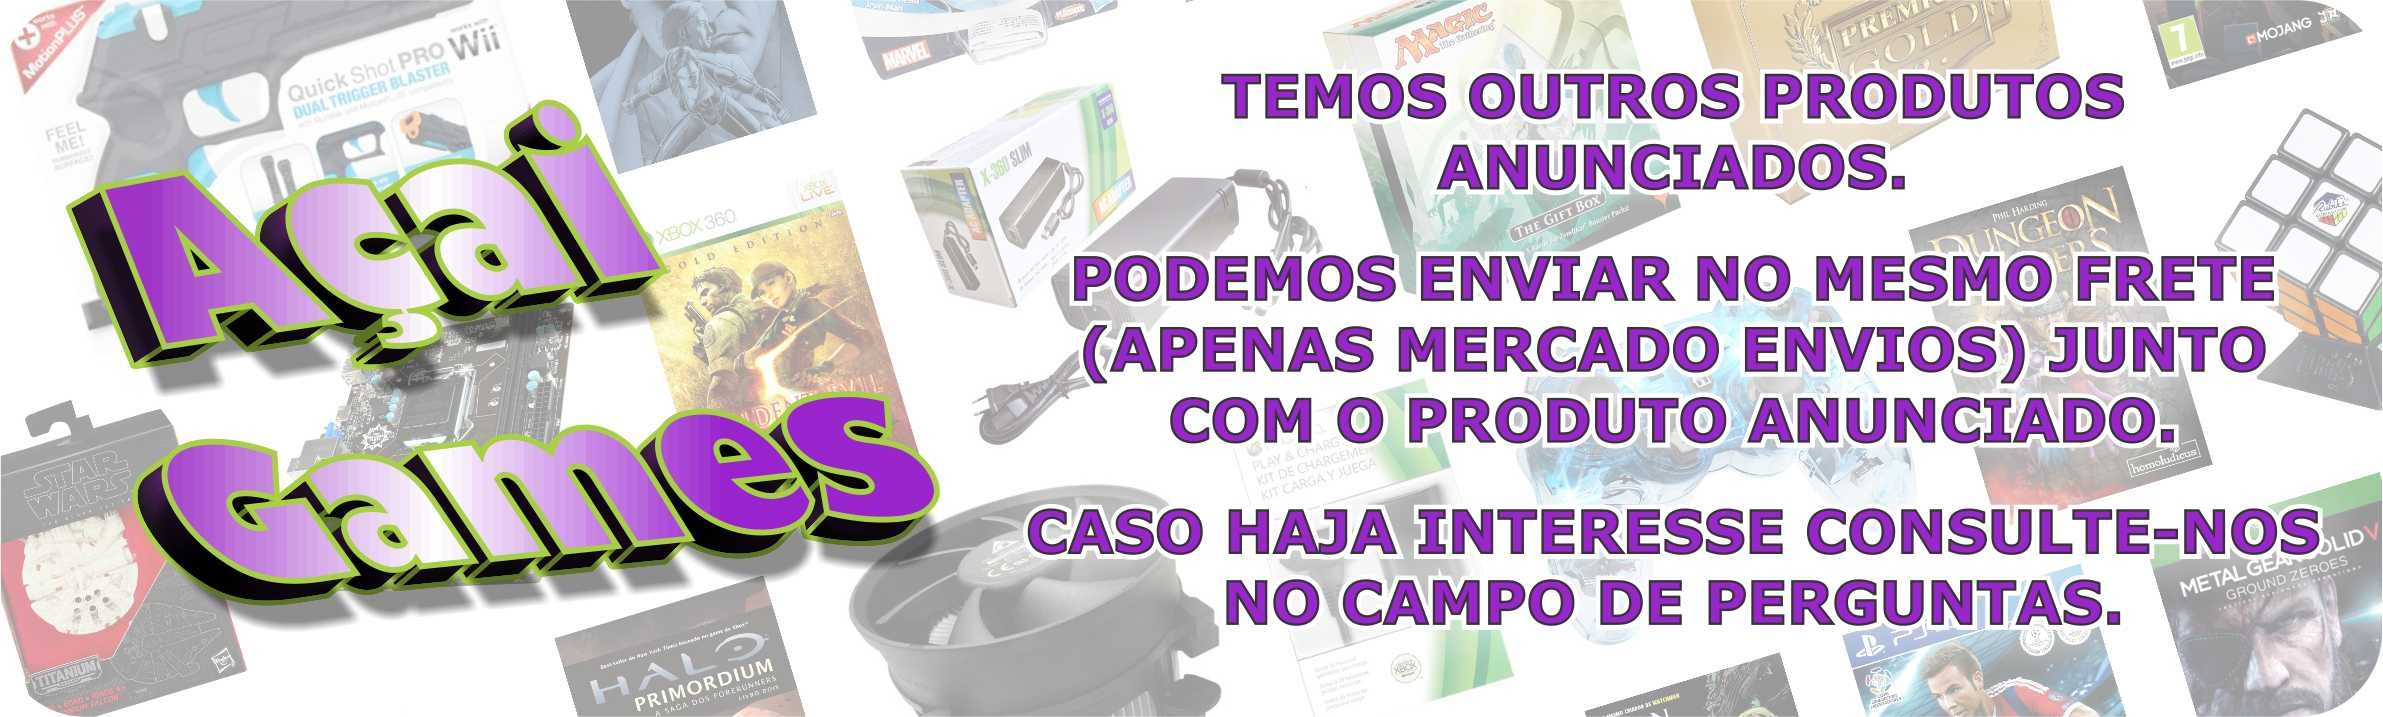 Baralho Copag 139 Com Marcador De Truconnect - wyspyzycia pl